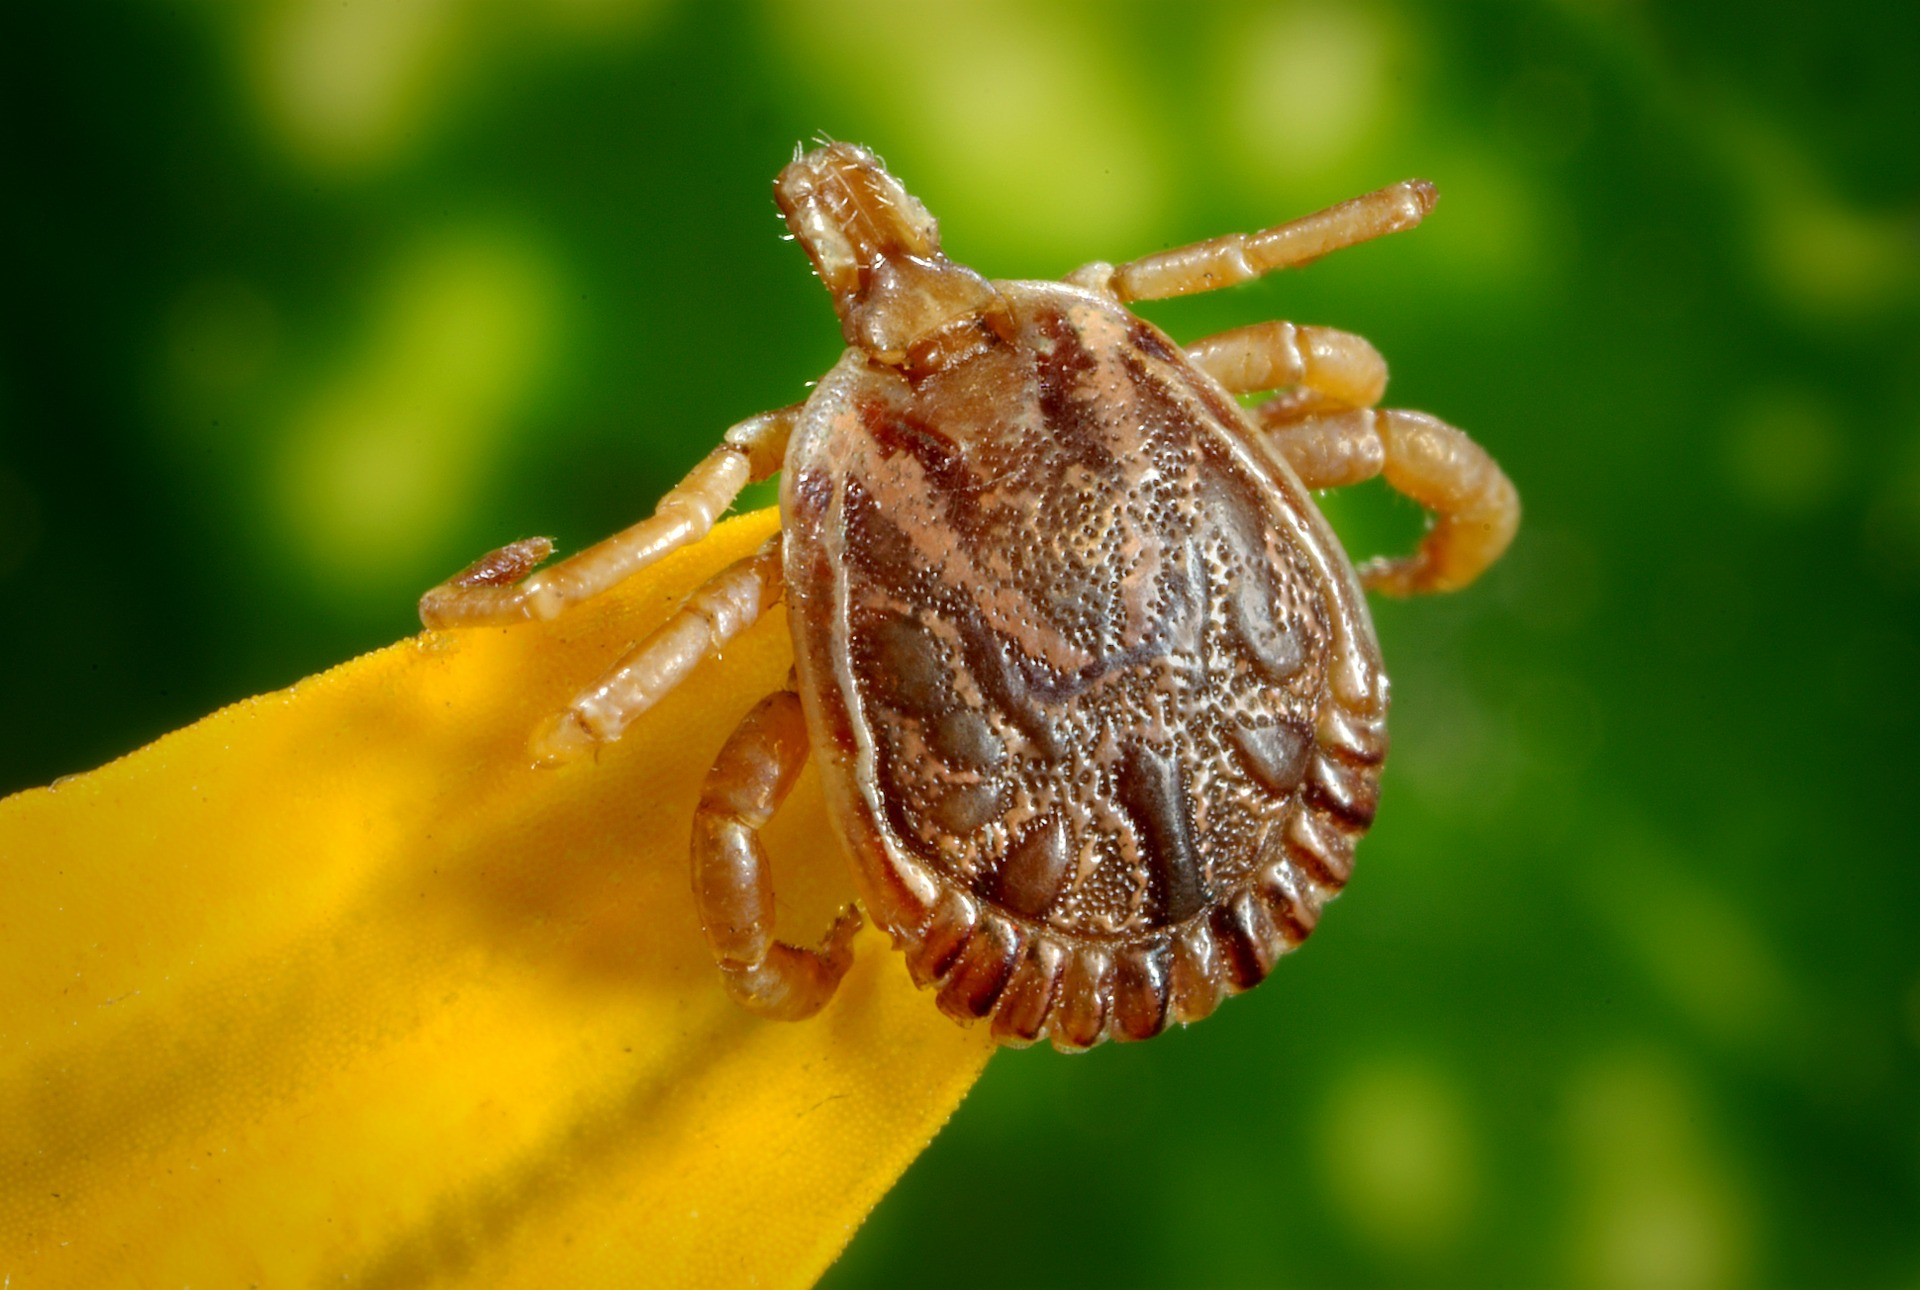 Kleszcze. Mały pasożyt. Wielkie niebezpieczeństwo. Obalamy mity!